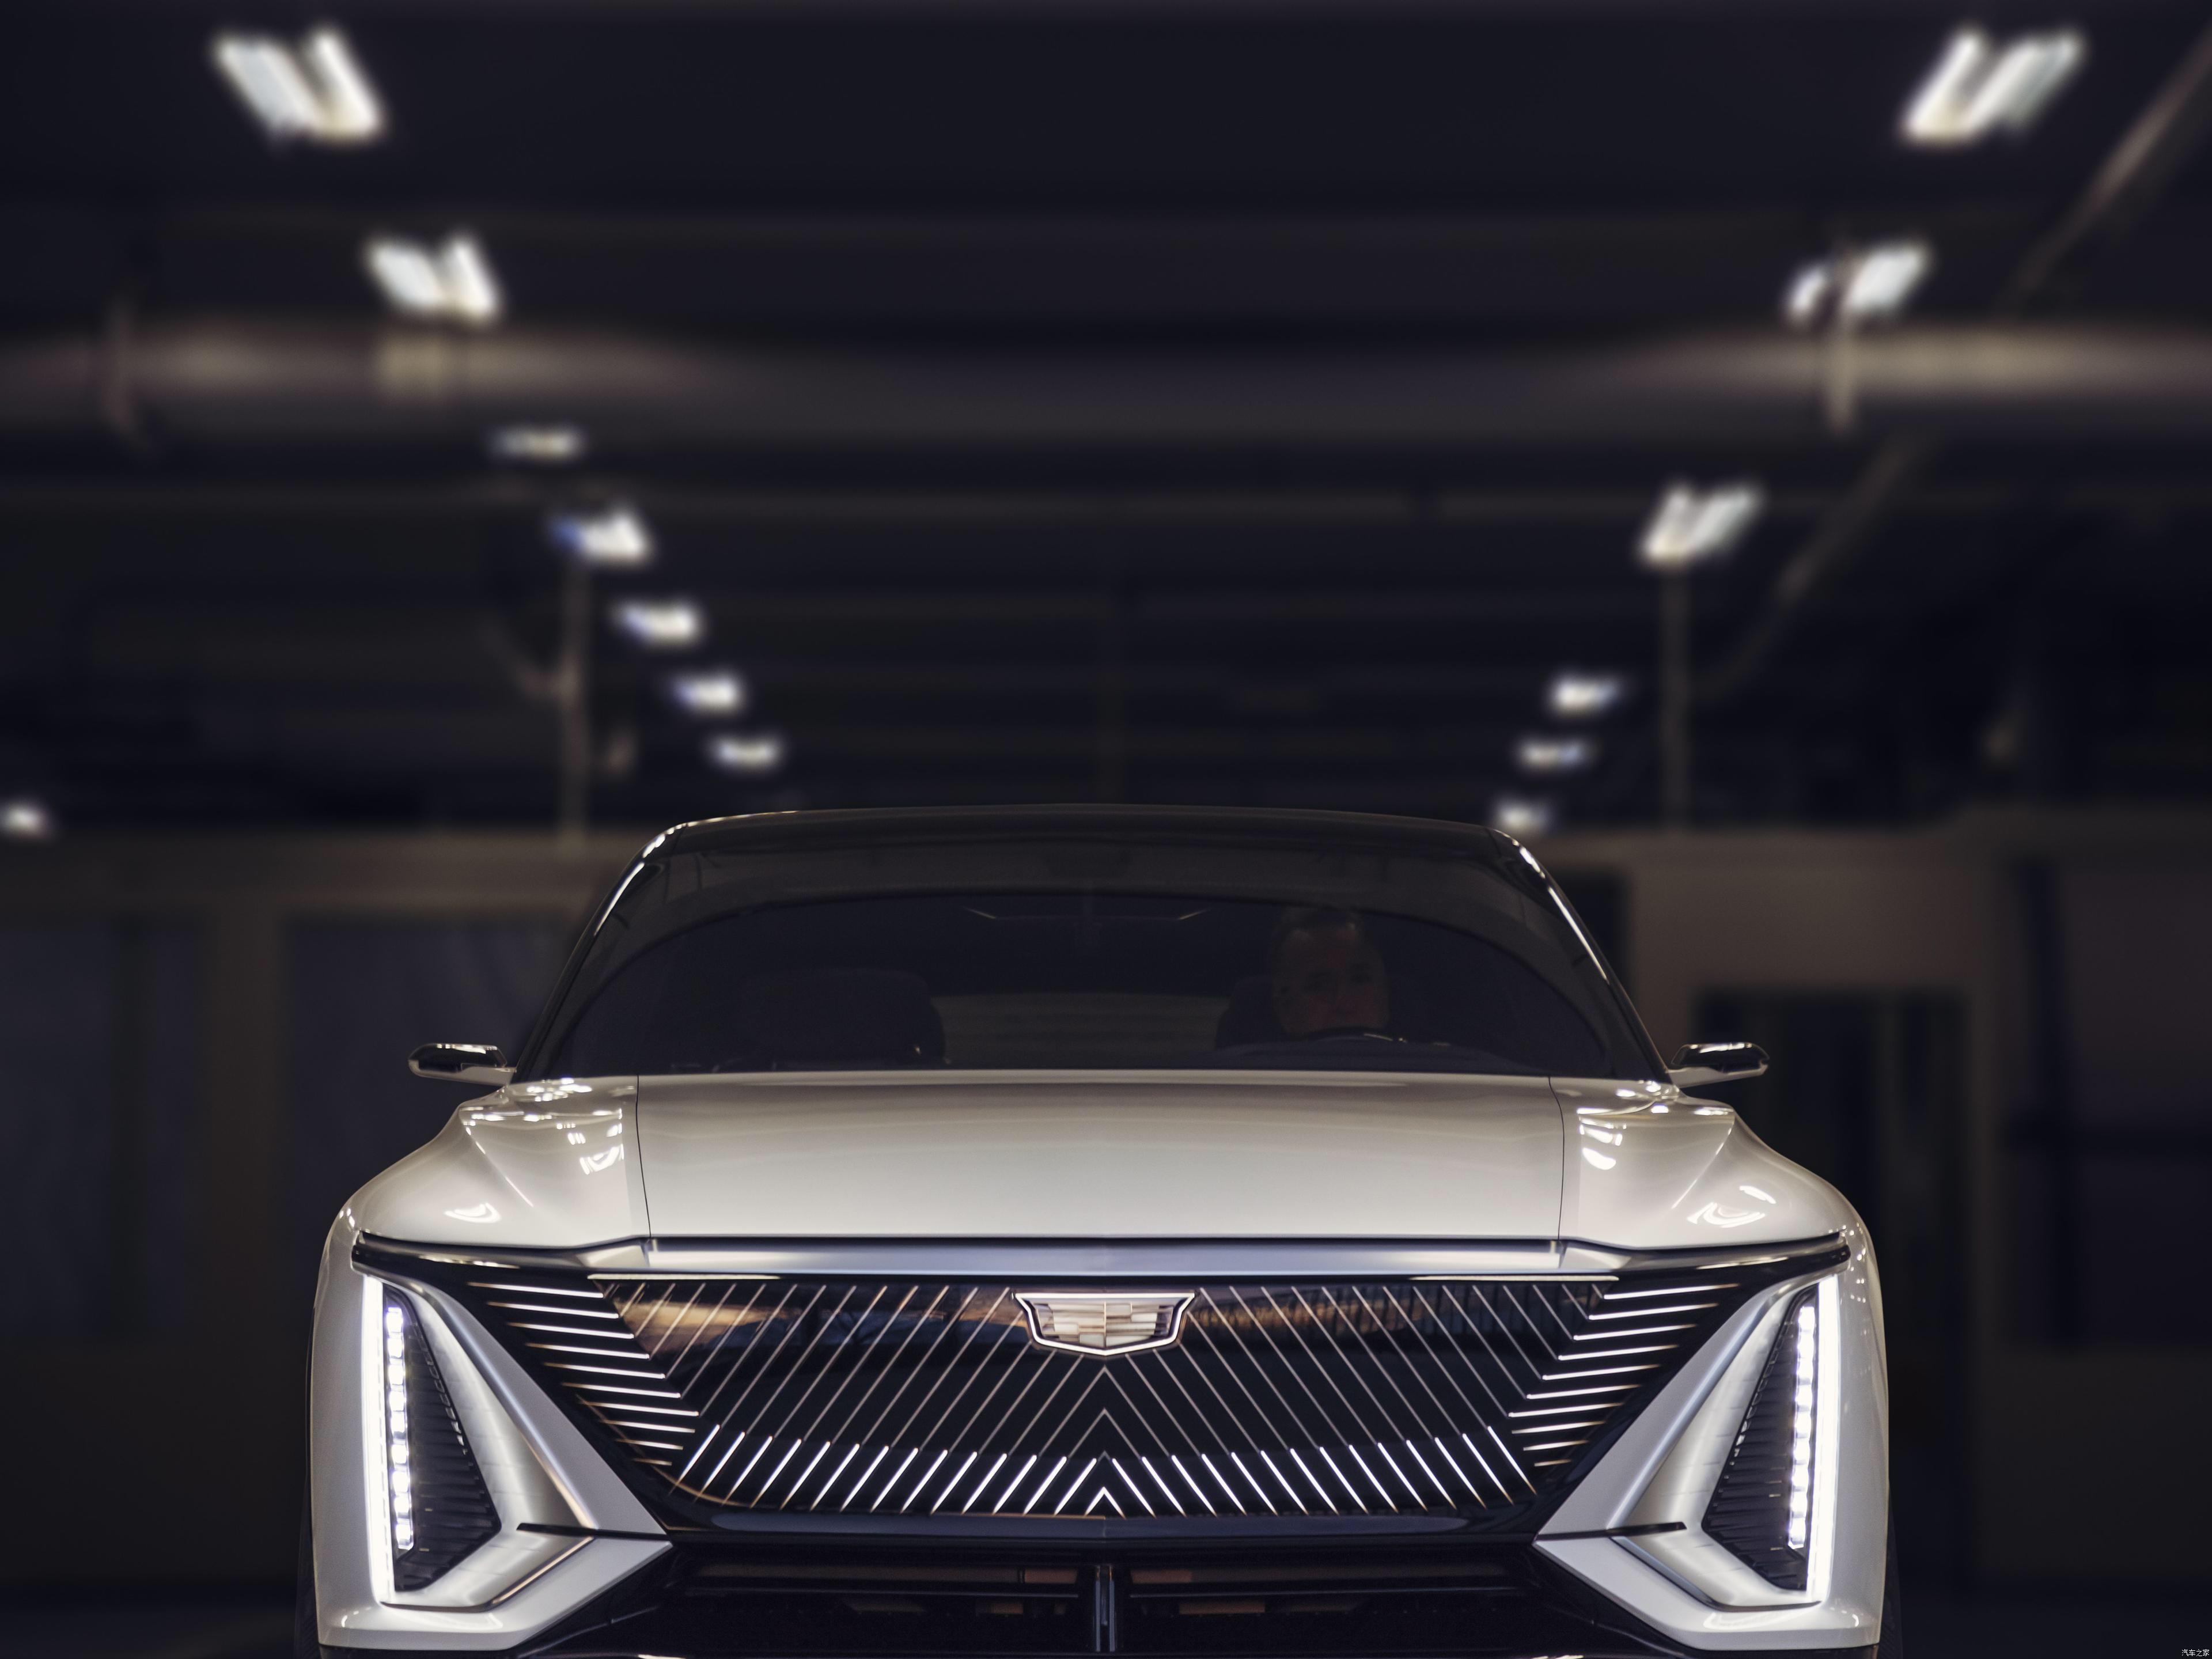 凯迪拉克全新纯电SUV首次在上海车展发布,颠覆性豪华美系品牌!